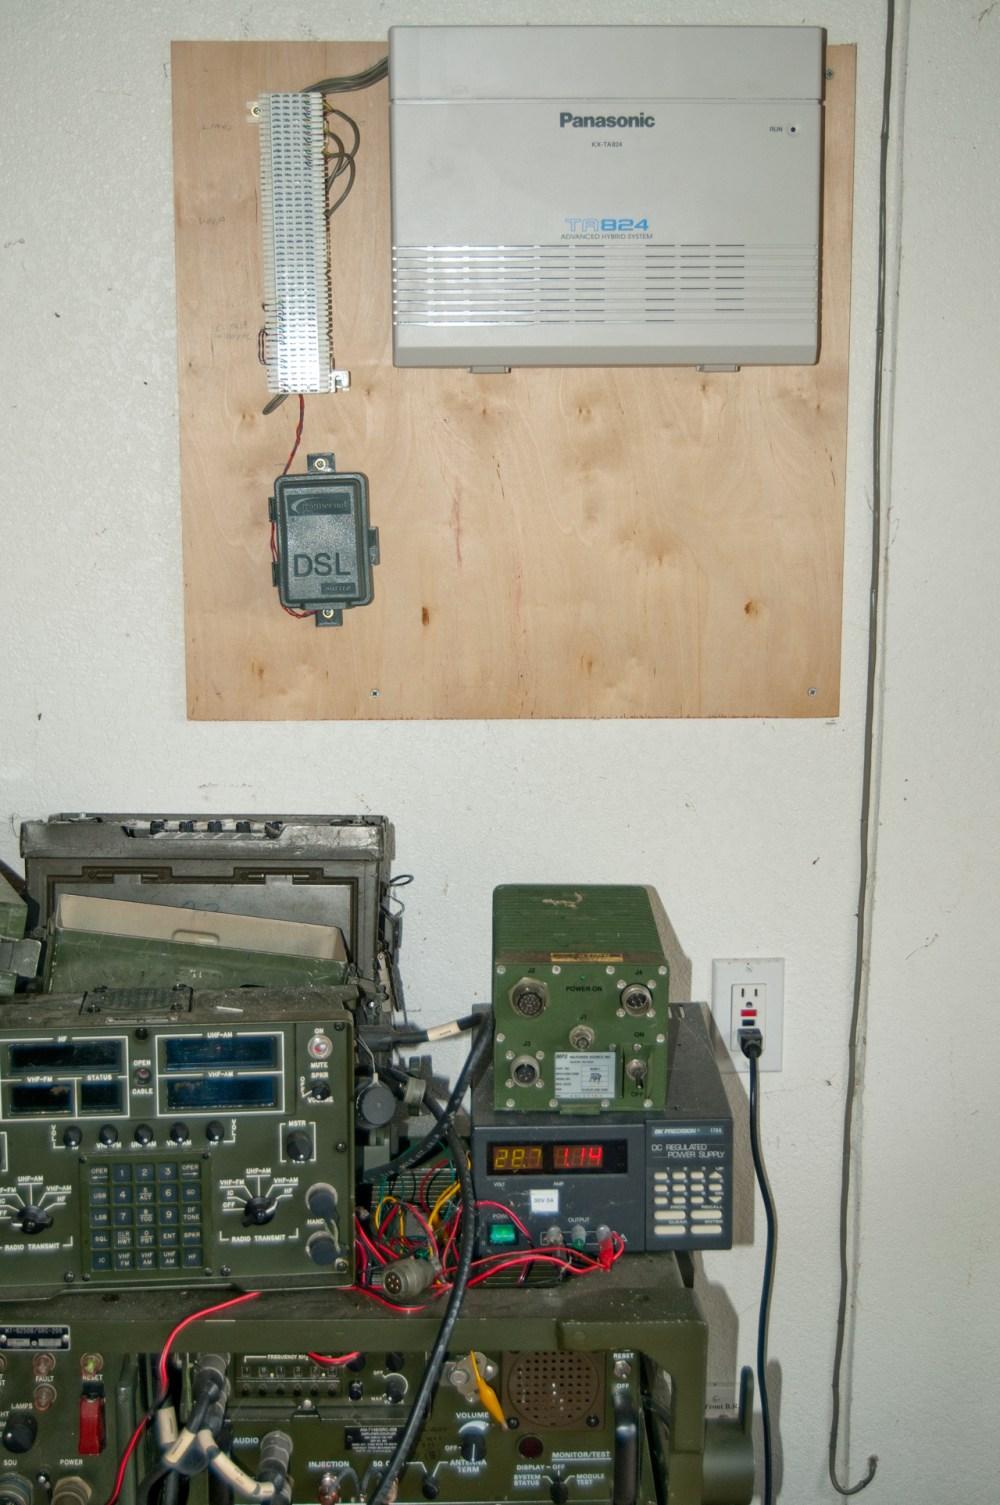 medium resolution of panasonic kx ta824 telephone system panasonic owner s manual panasonic phone system wiring